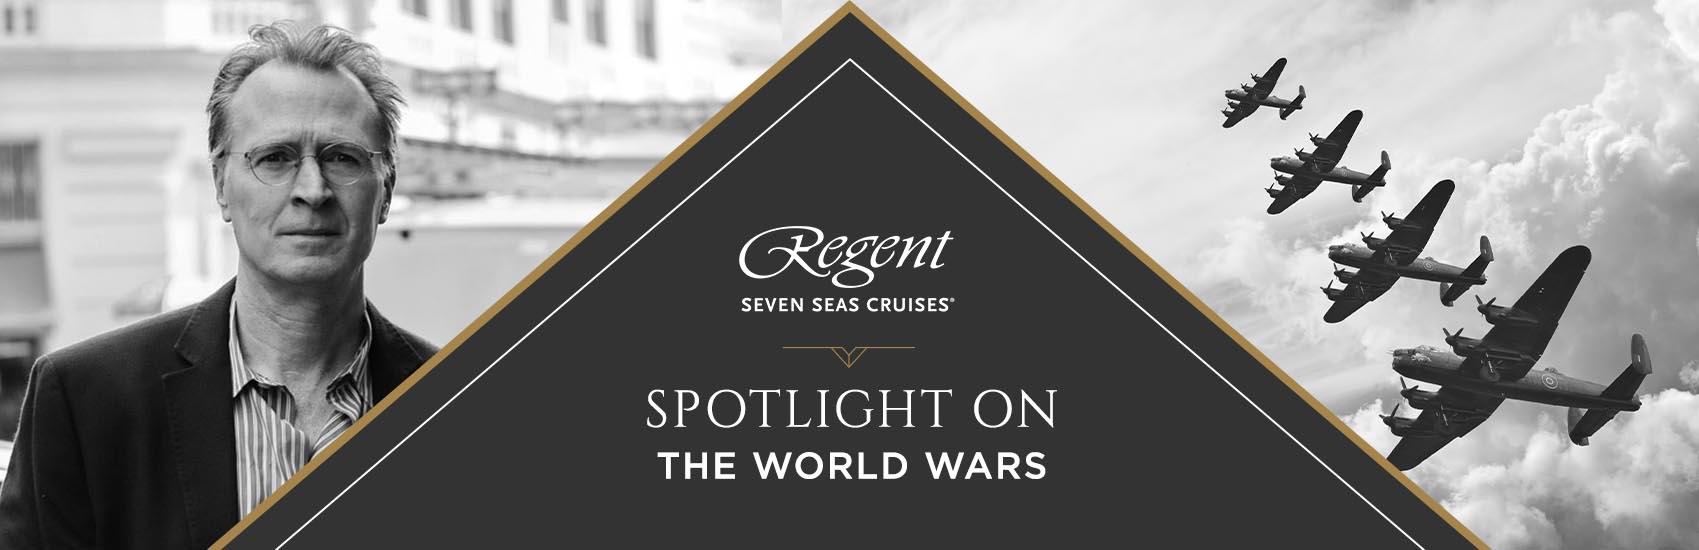 Se retrouver et célébrer avec Regent Seven Seas Cruises 3